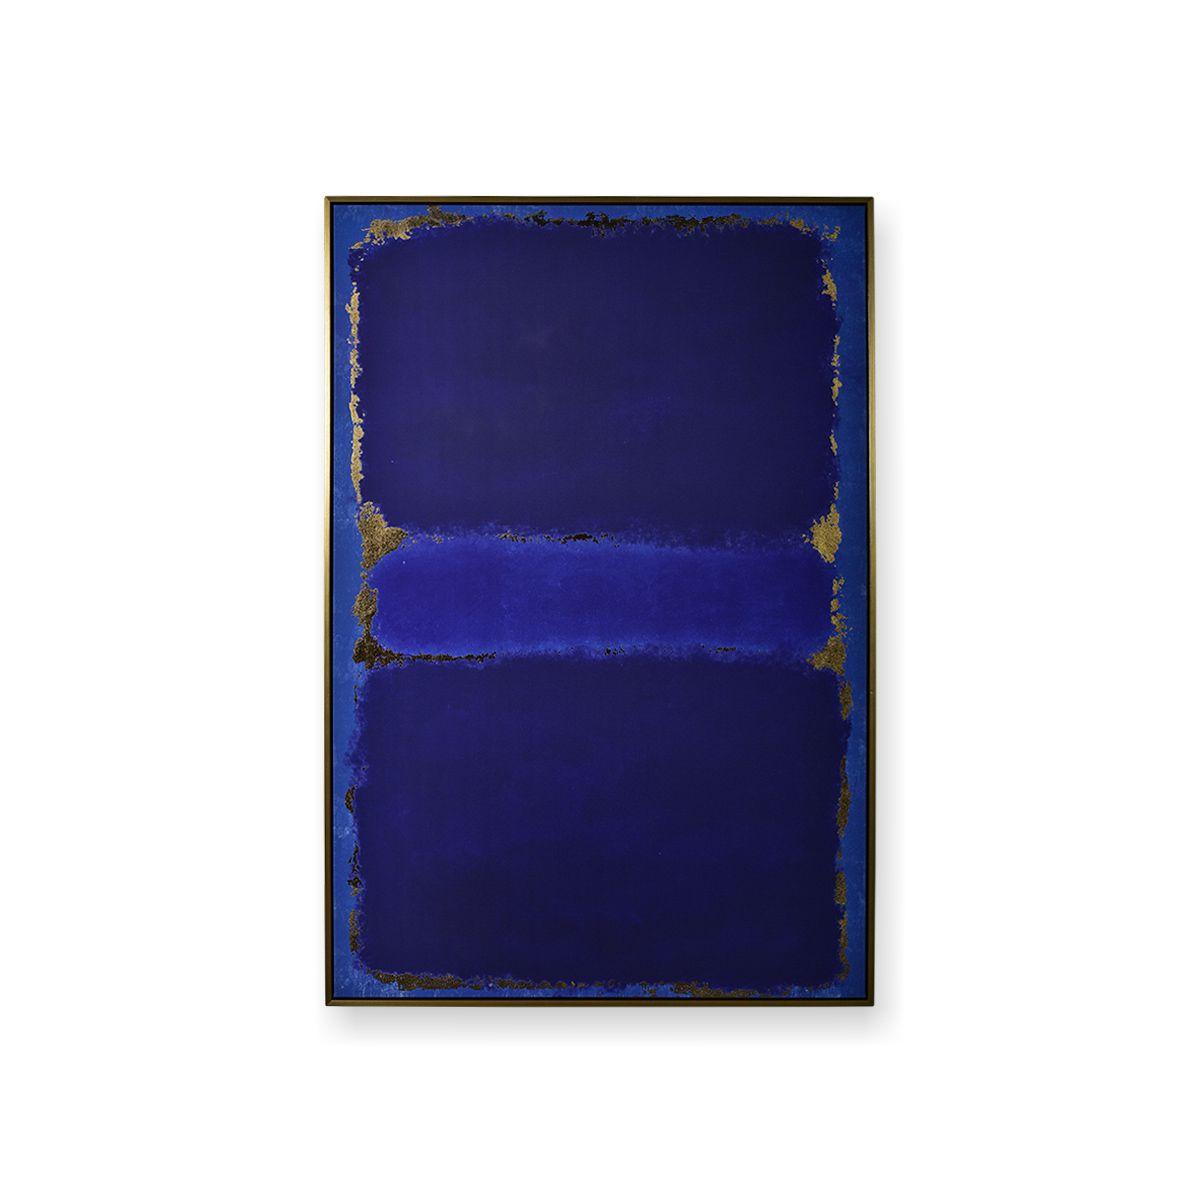 Quadro Decor Ensaio Dourado em Azul